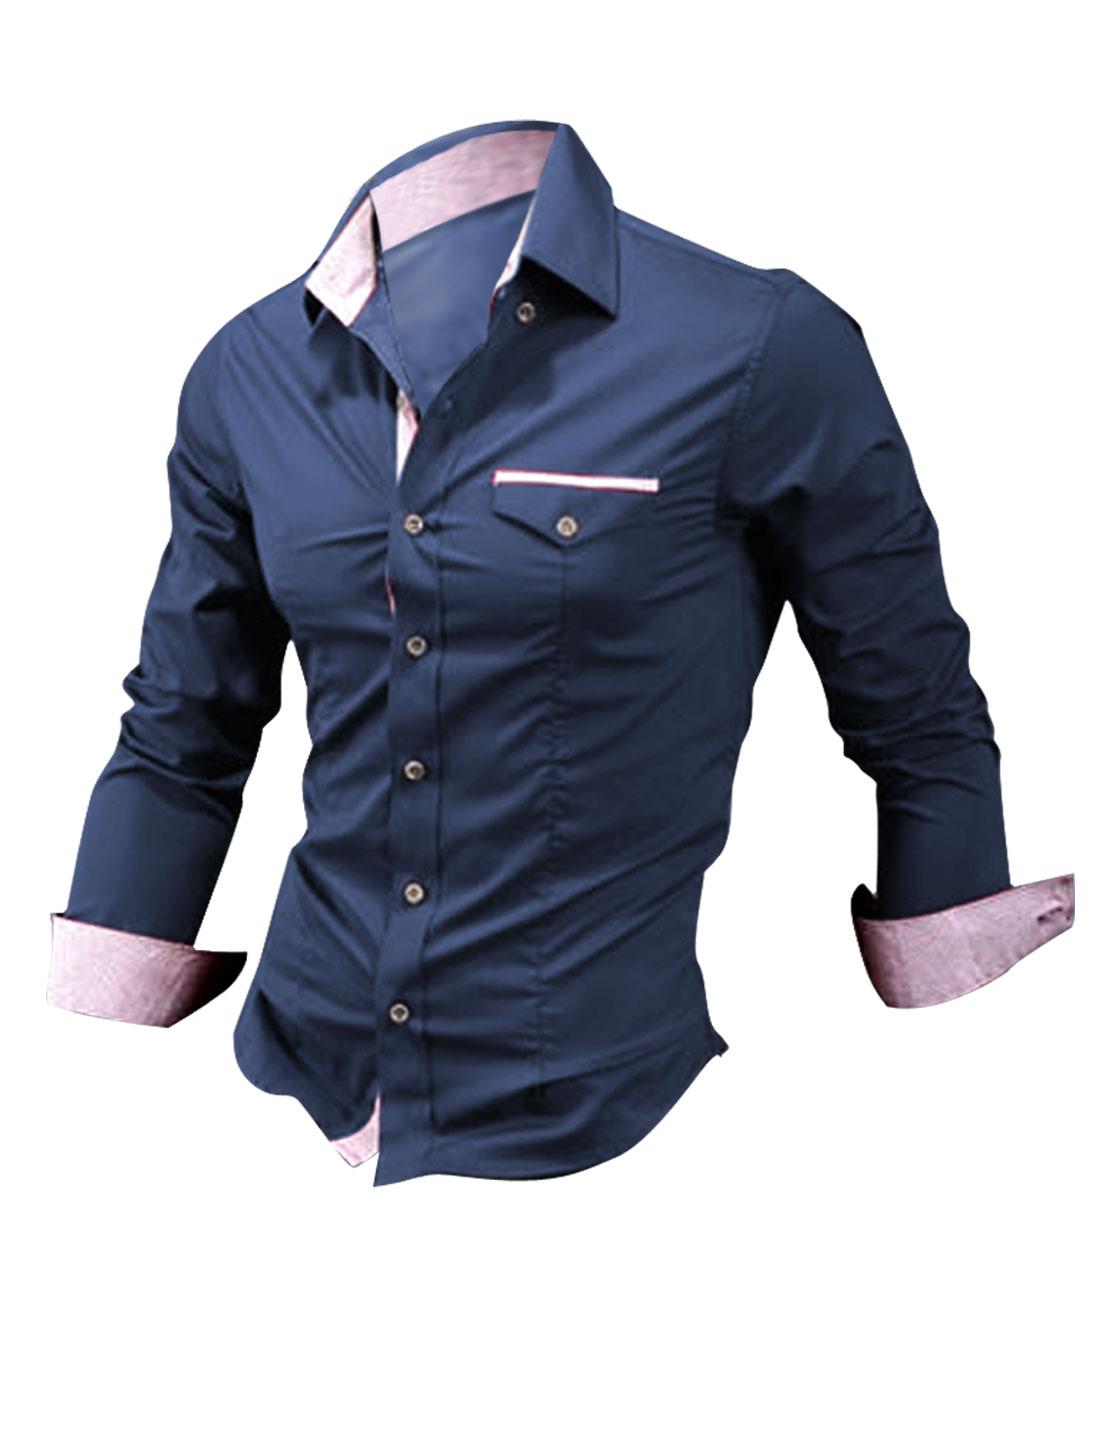 Men Long Sleeve Autumn Winter Shirt Navy Blue M